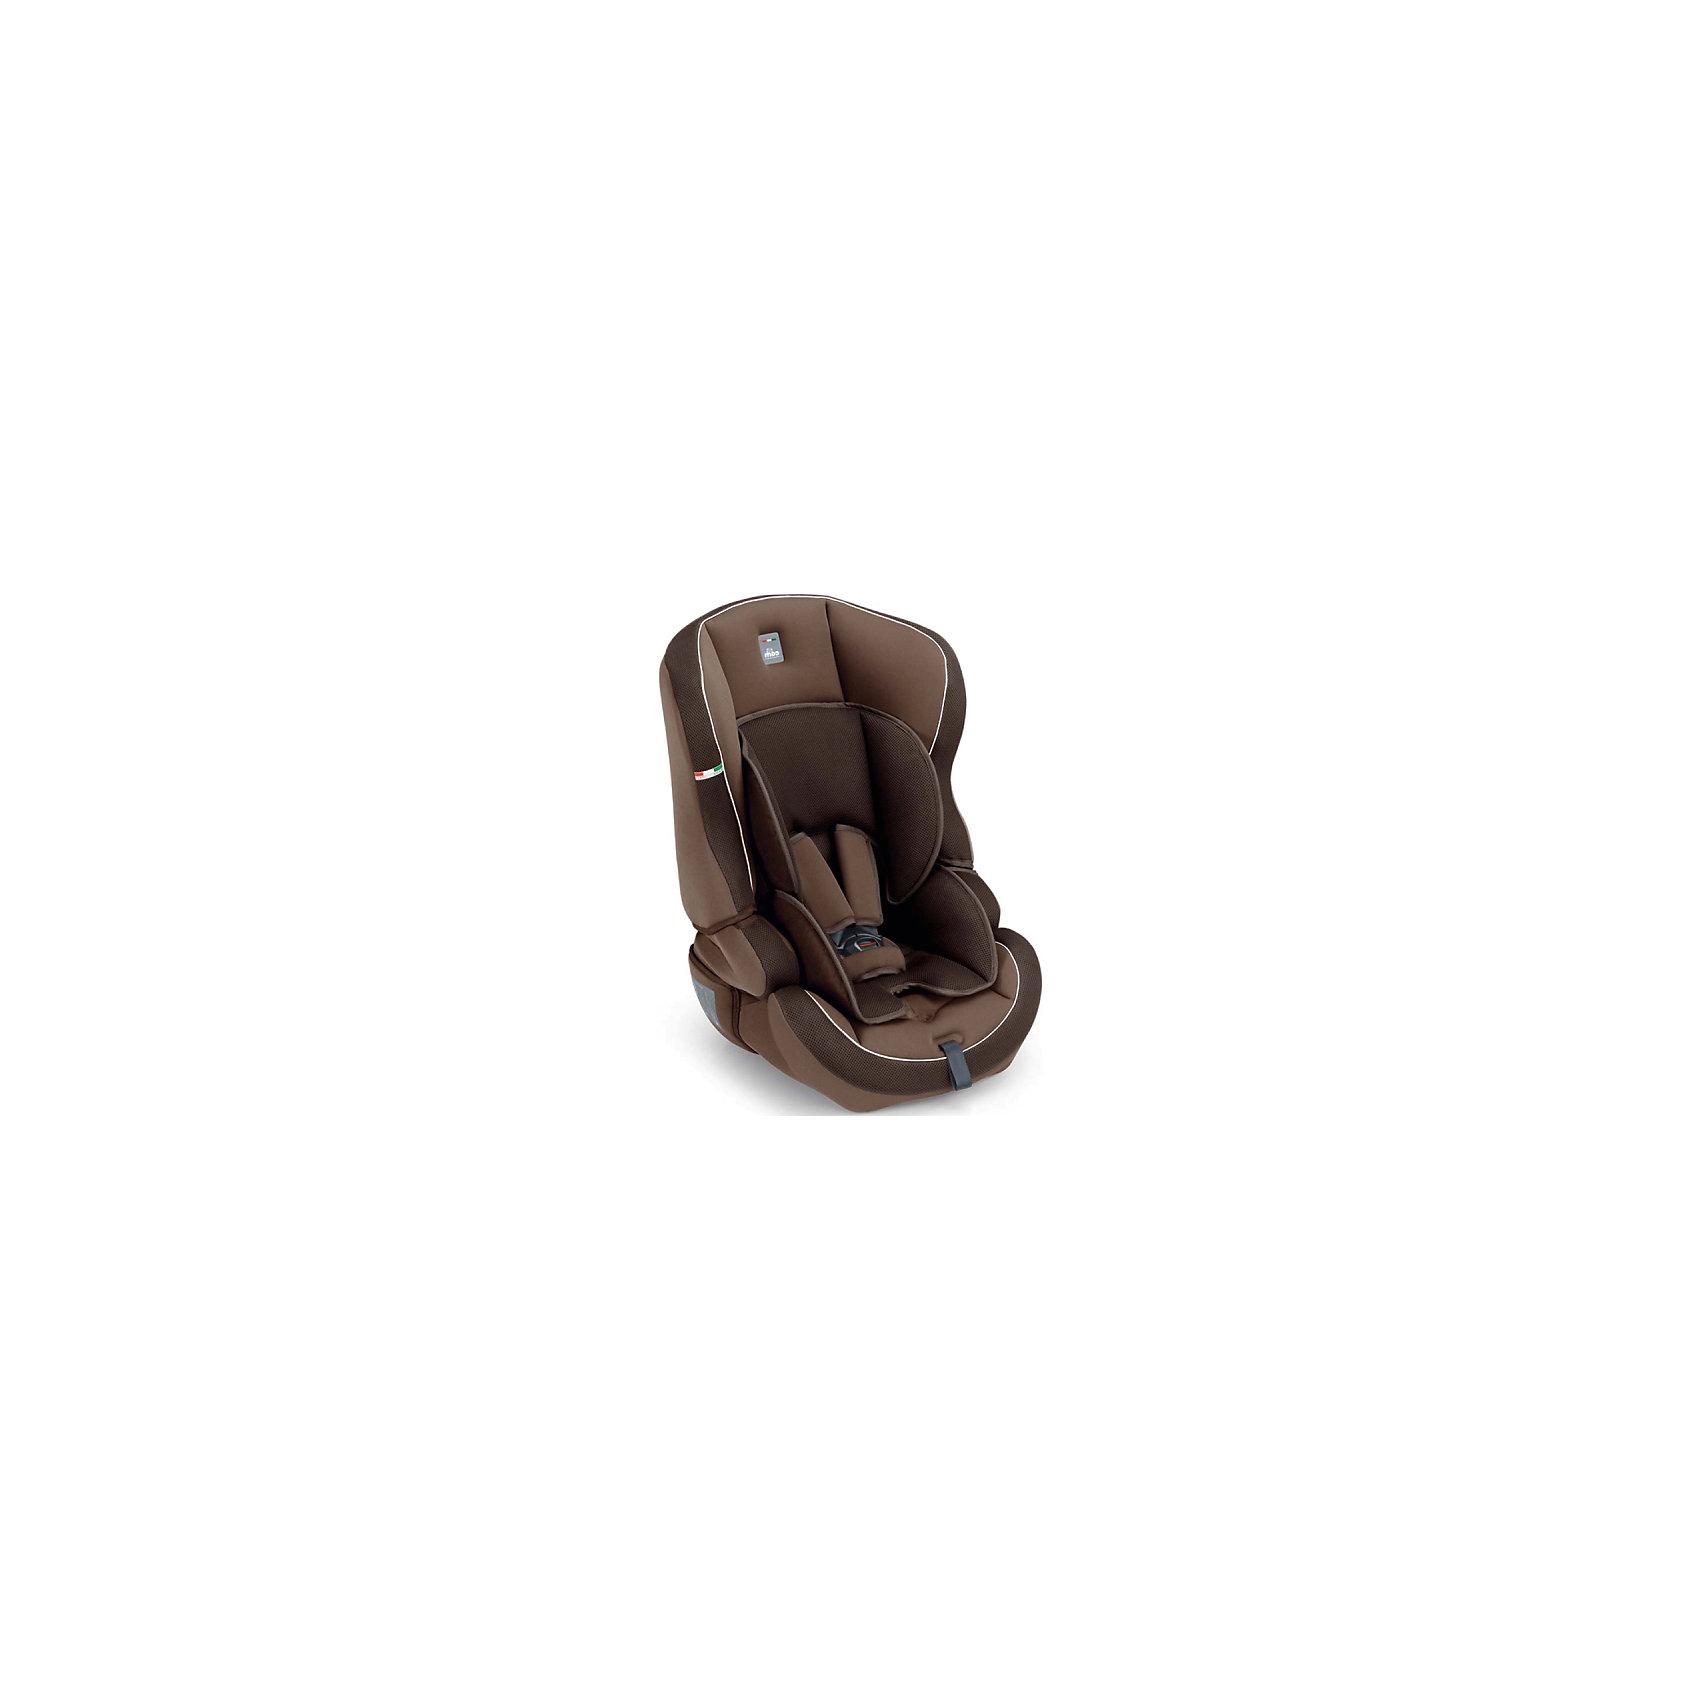 CAM Автокресло Travel Evolution, 9-36кг., CAM, шоколад коляска 3 в 1 cam cortina x3 tris evolution цвет 638